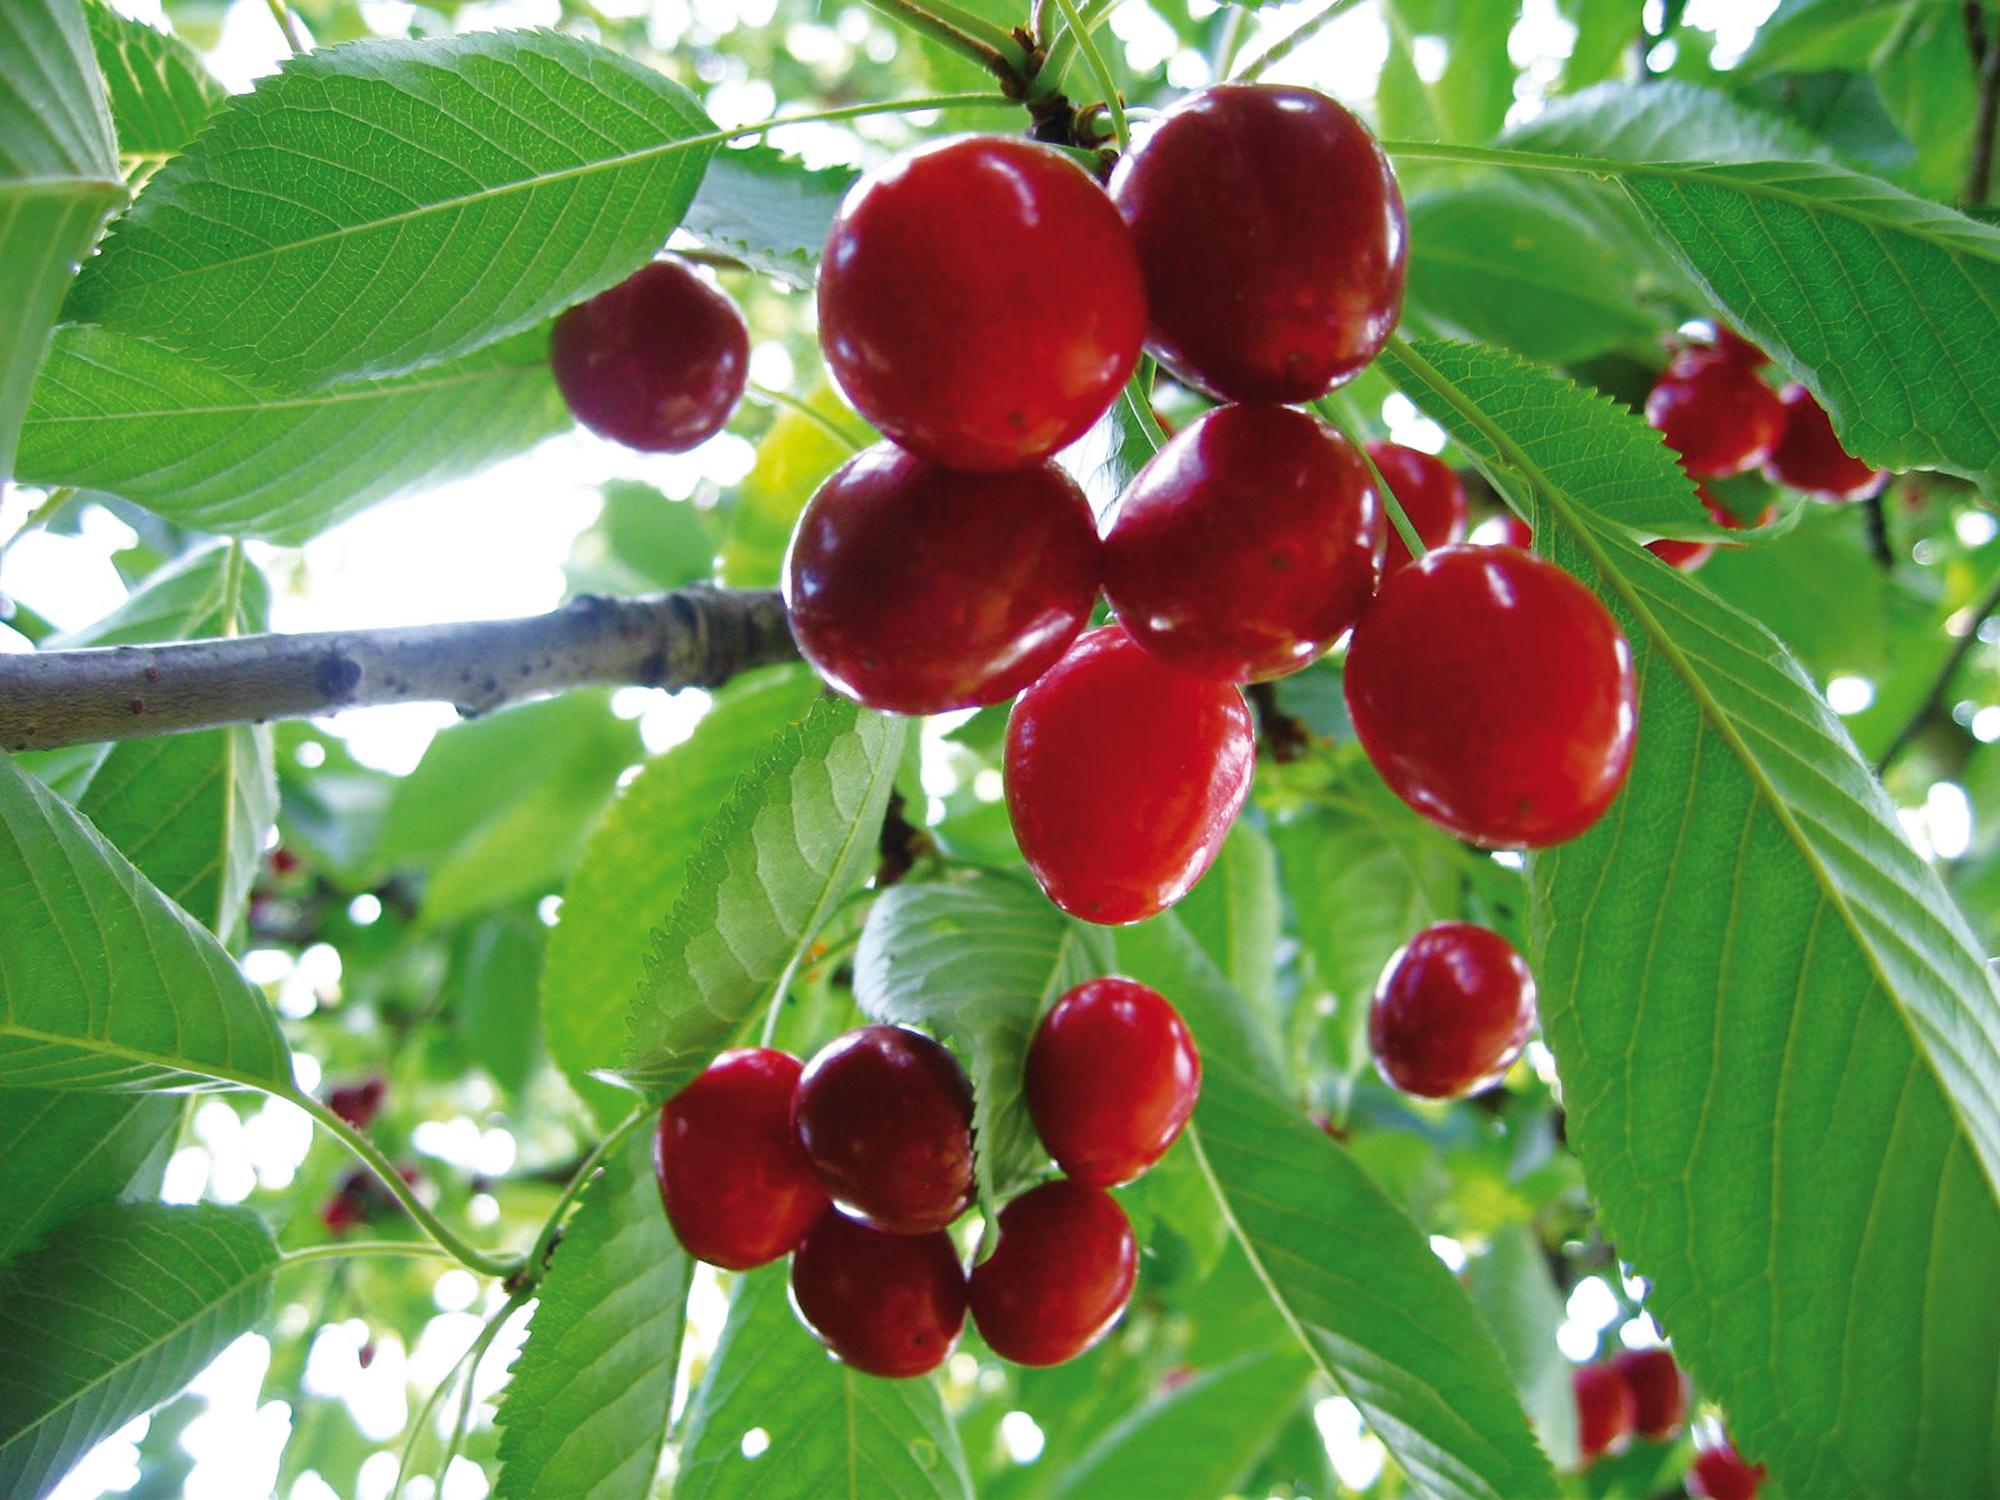 Voorkeur Fruitbomen en Kleinfruit kopen voor uw tuin - Tuincentrum De Molen @YO76